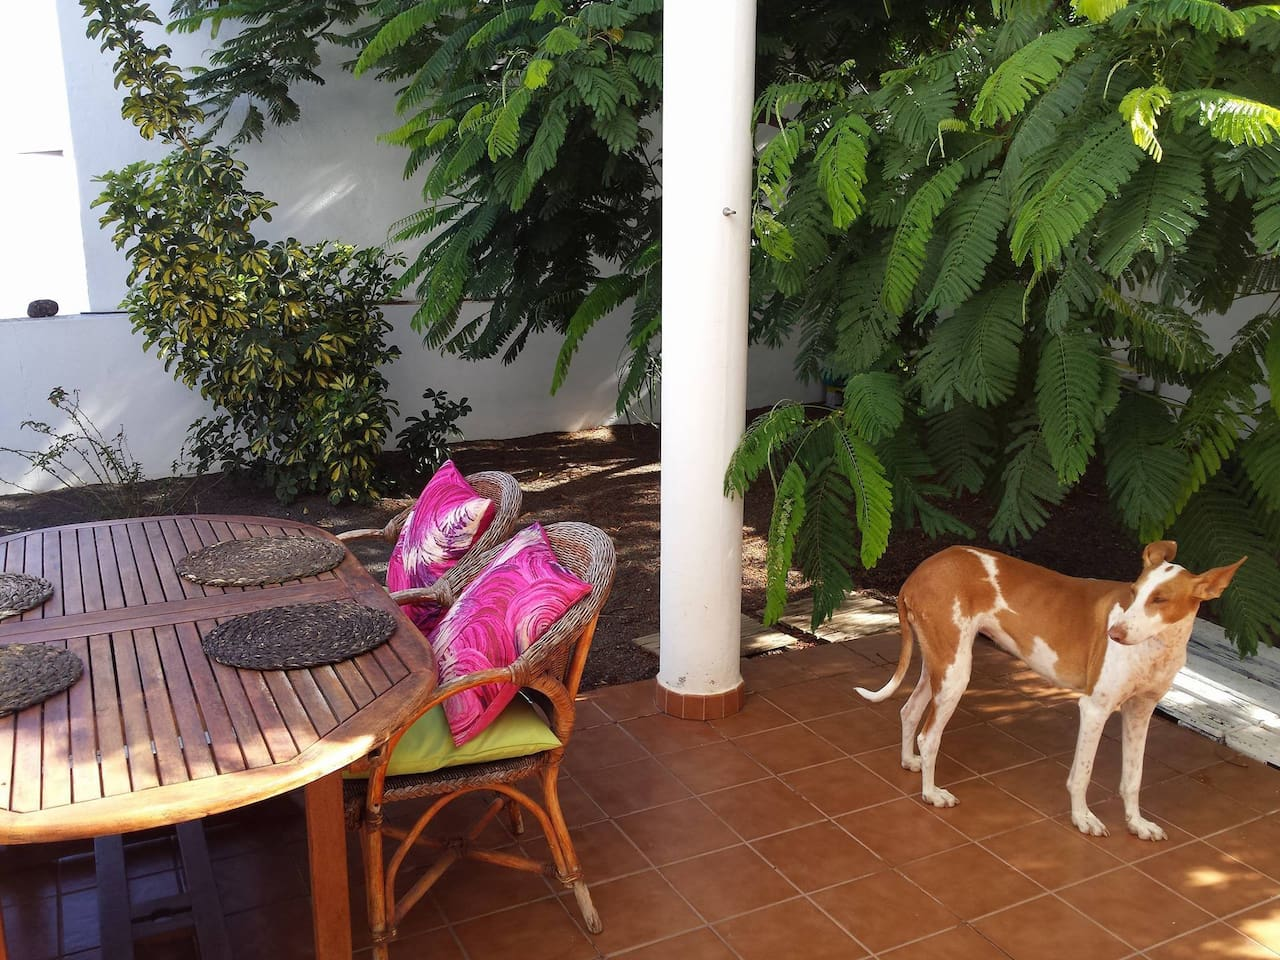 Villa África: Amplio y tranquilo adosado para disfrutar de tus vacaciones en Lanzarote, ademas de estar perfectamente ubicado, la casa consta de tres dormitorios, dos baños, cocina, terrazas, salón... seras bien recibido ya vengas solo, en pareja o con amigos, estamos en un pueblo llamado Tías en donde podrás encontrar restaurantes, supermercado, gasolinera etc a parte de estar a 10 minutos de la playa. Solo tenemos un requerimiento para ti y es que te gusten los animales, ya que Lola y yo seremos vuestras anfitrionas.